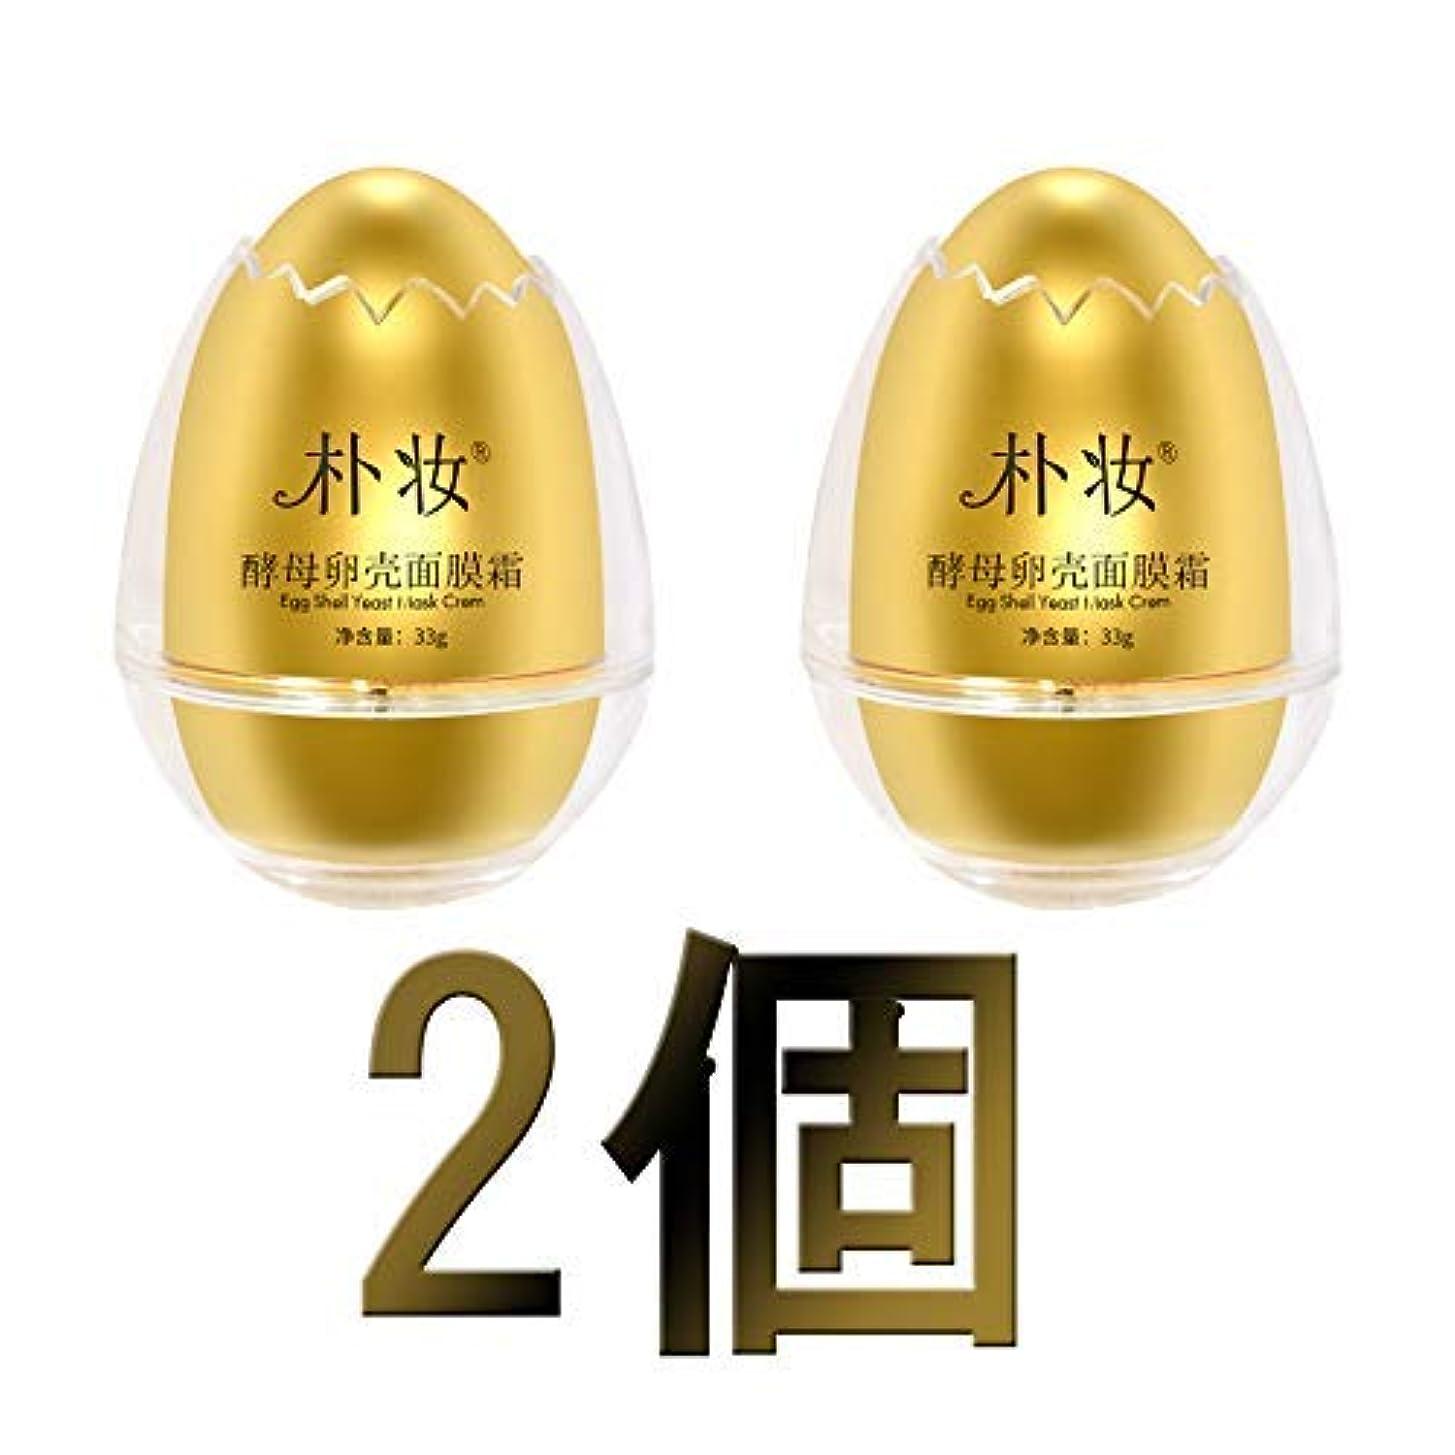 地下室どう?請求書朴妆たんたんパックx2個 酵母卵殻マスククリーム33g しっとりと た肌,シュリンクポア,しわ耐性,肌を引っ張る、